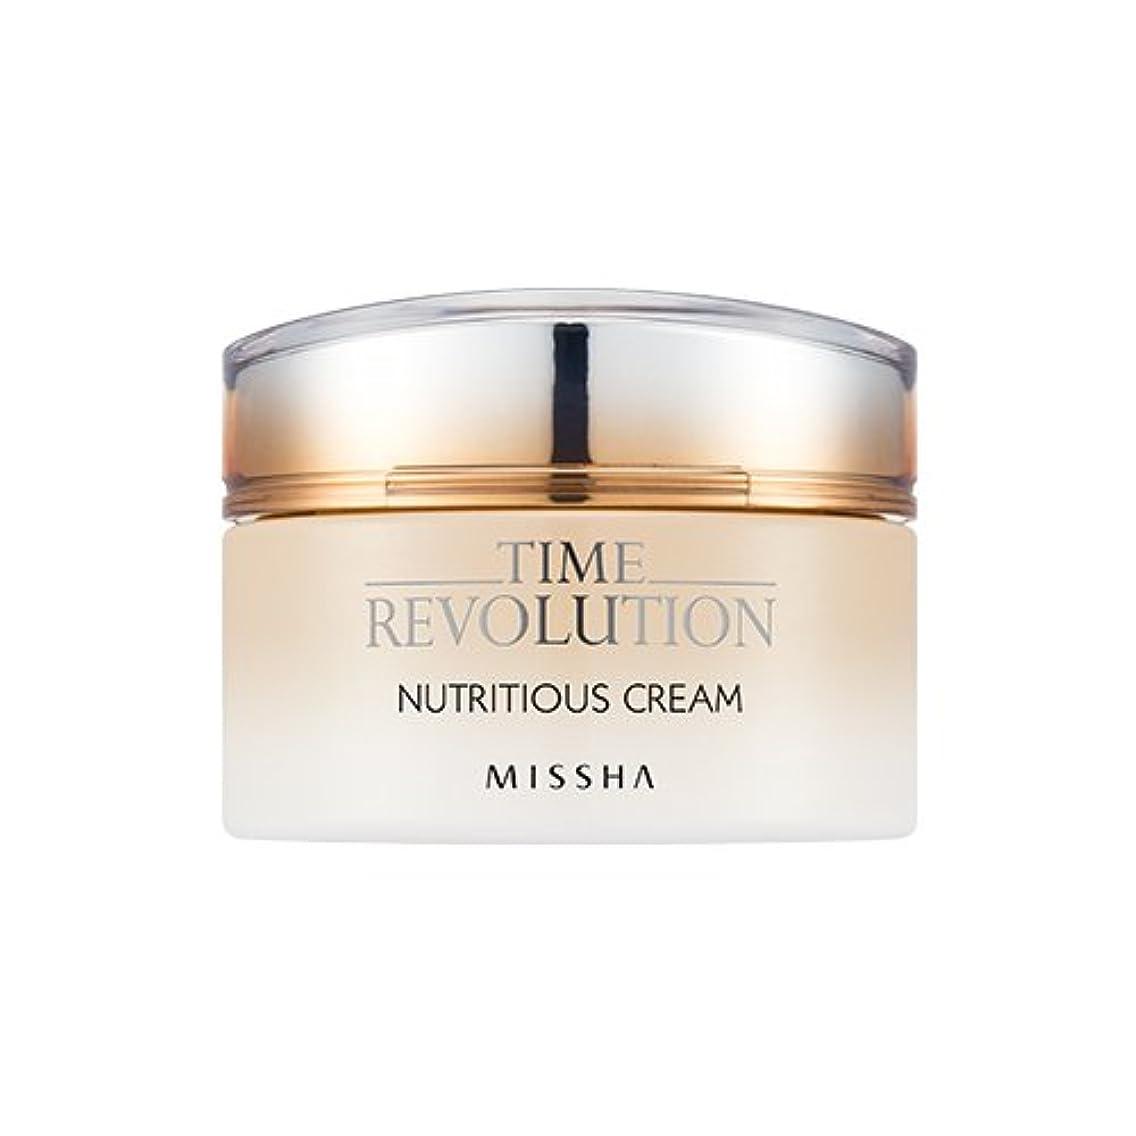 いたずら尽きる具体的に[New] MISSHA Time Revolution Nutritious Cream 50ml/ミシャ タイム レボリューション ニュートリシャス クリーム 50ml [並行輸入品]